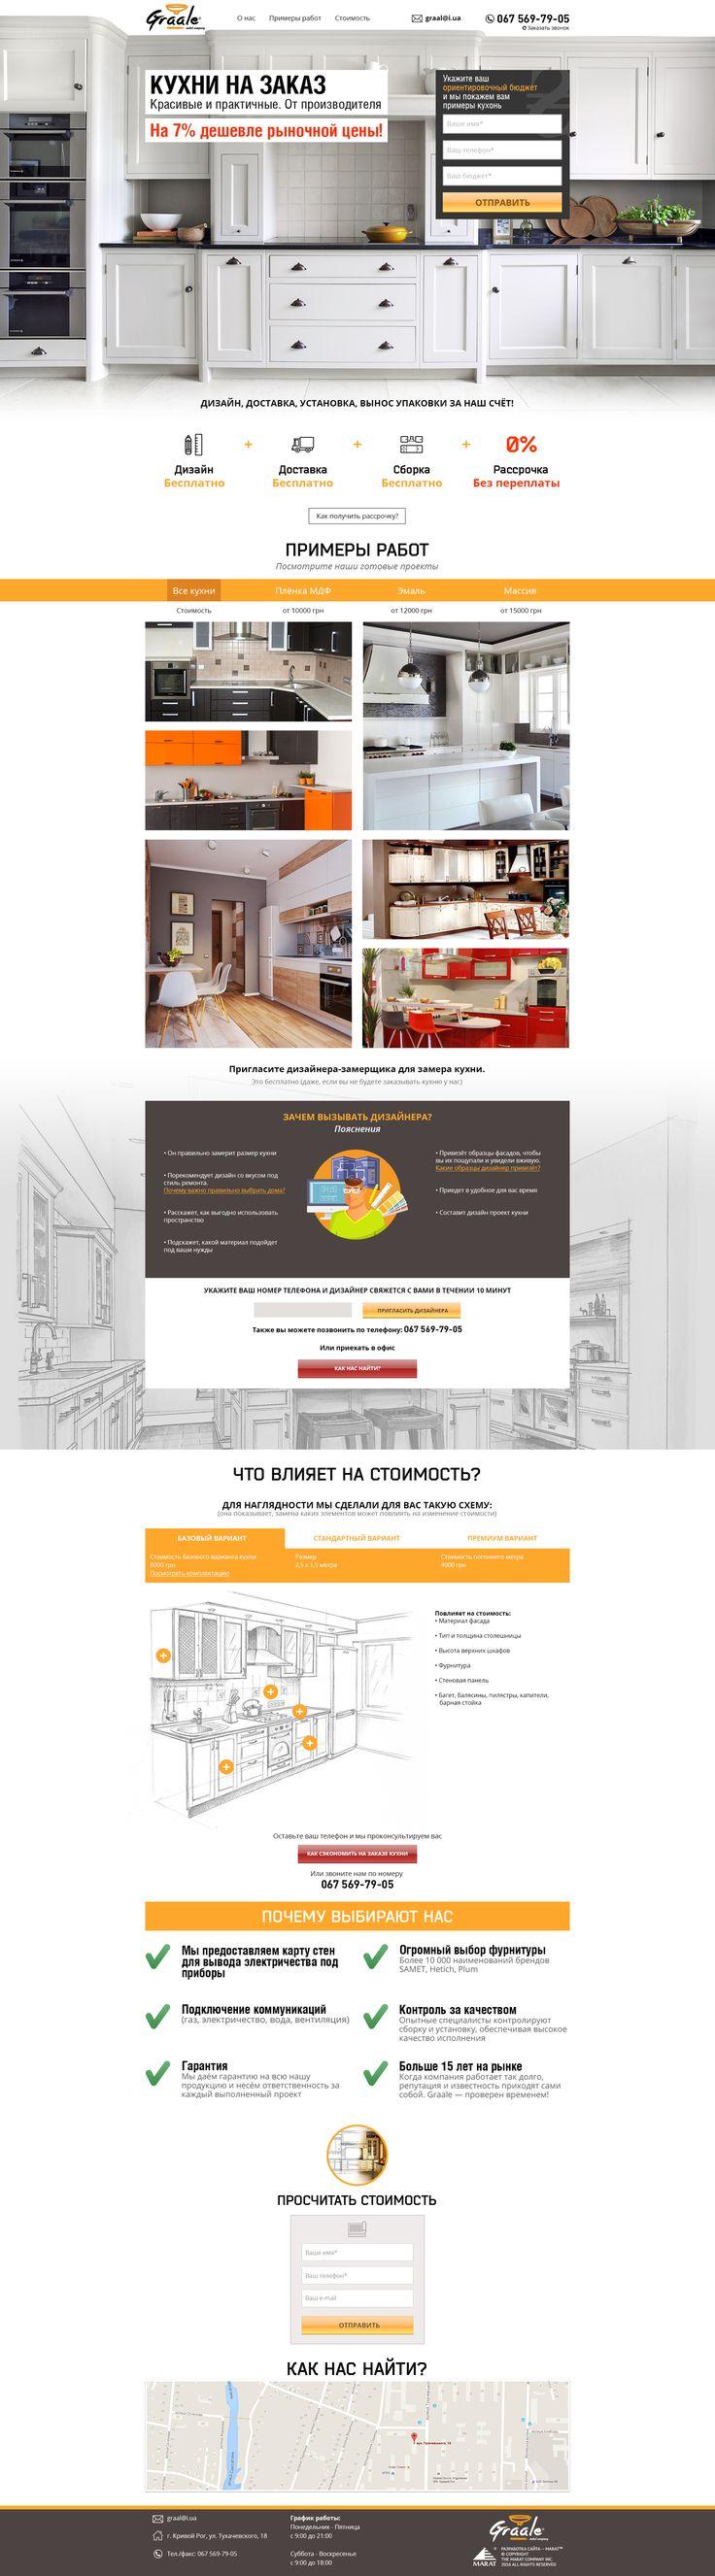 Ознакомьтесь с этим проектом @Behance: «Website for furniture company» https://www.behance.net/gallery/51625649/Website-for-furniture-company